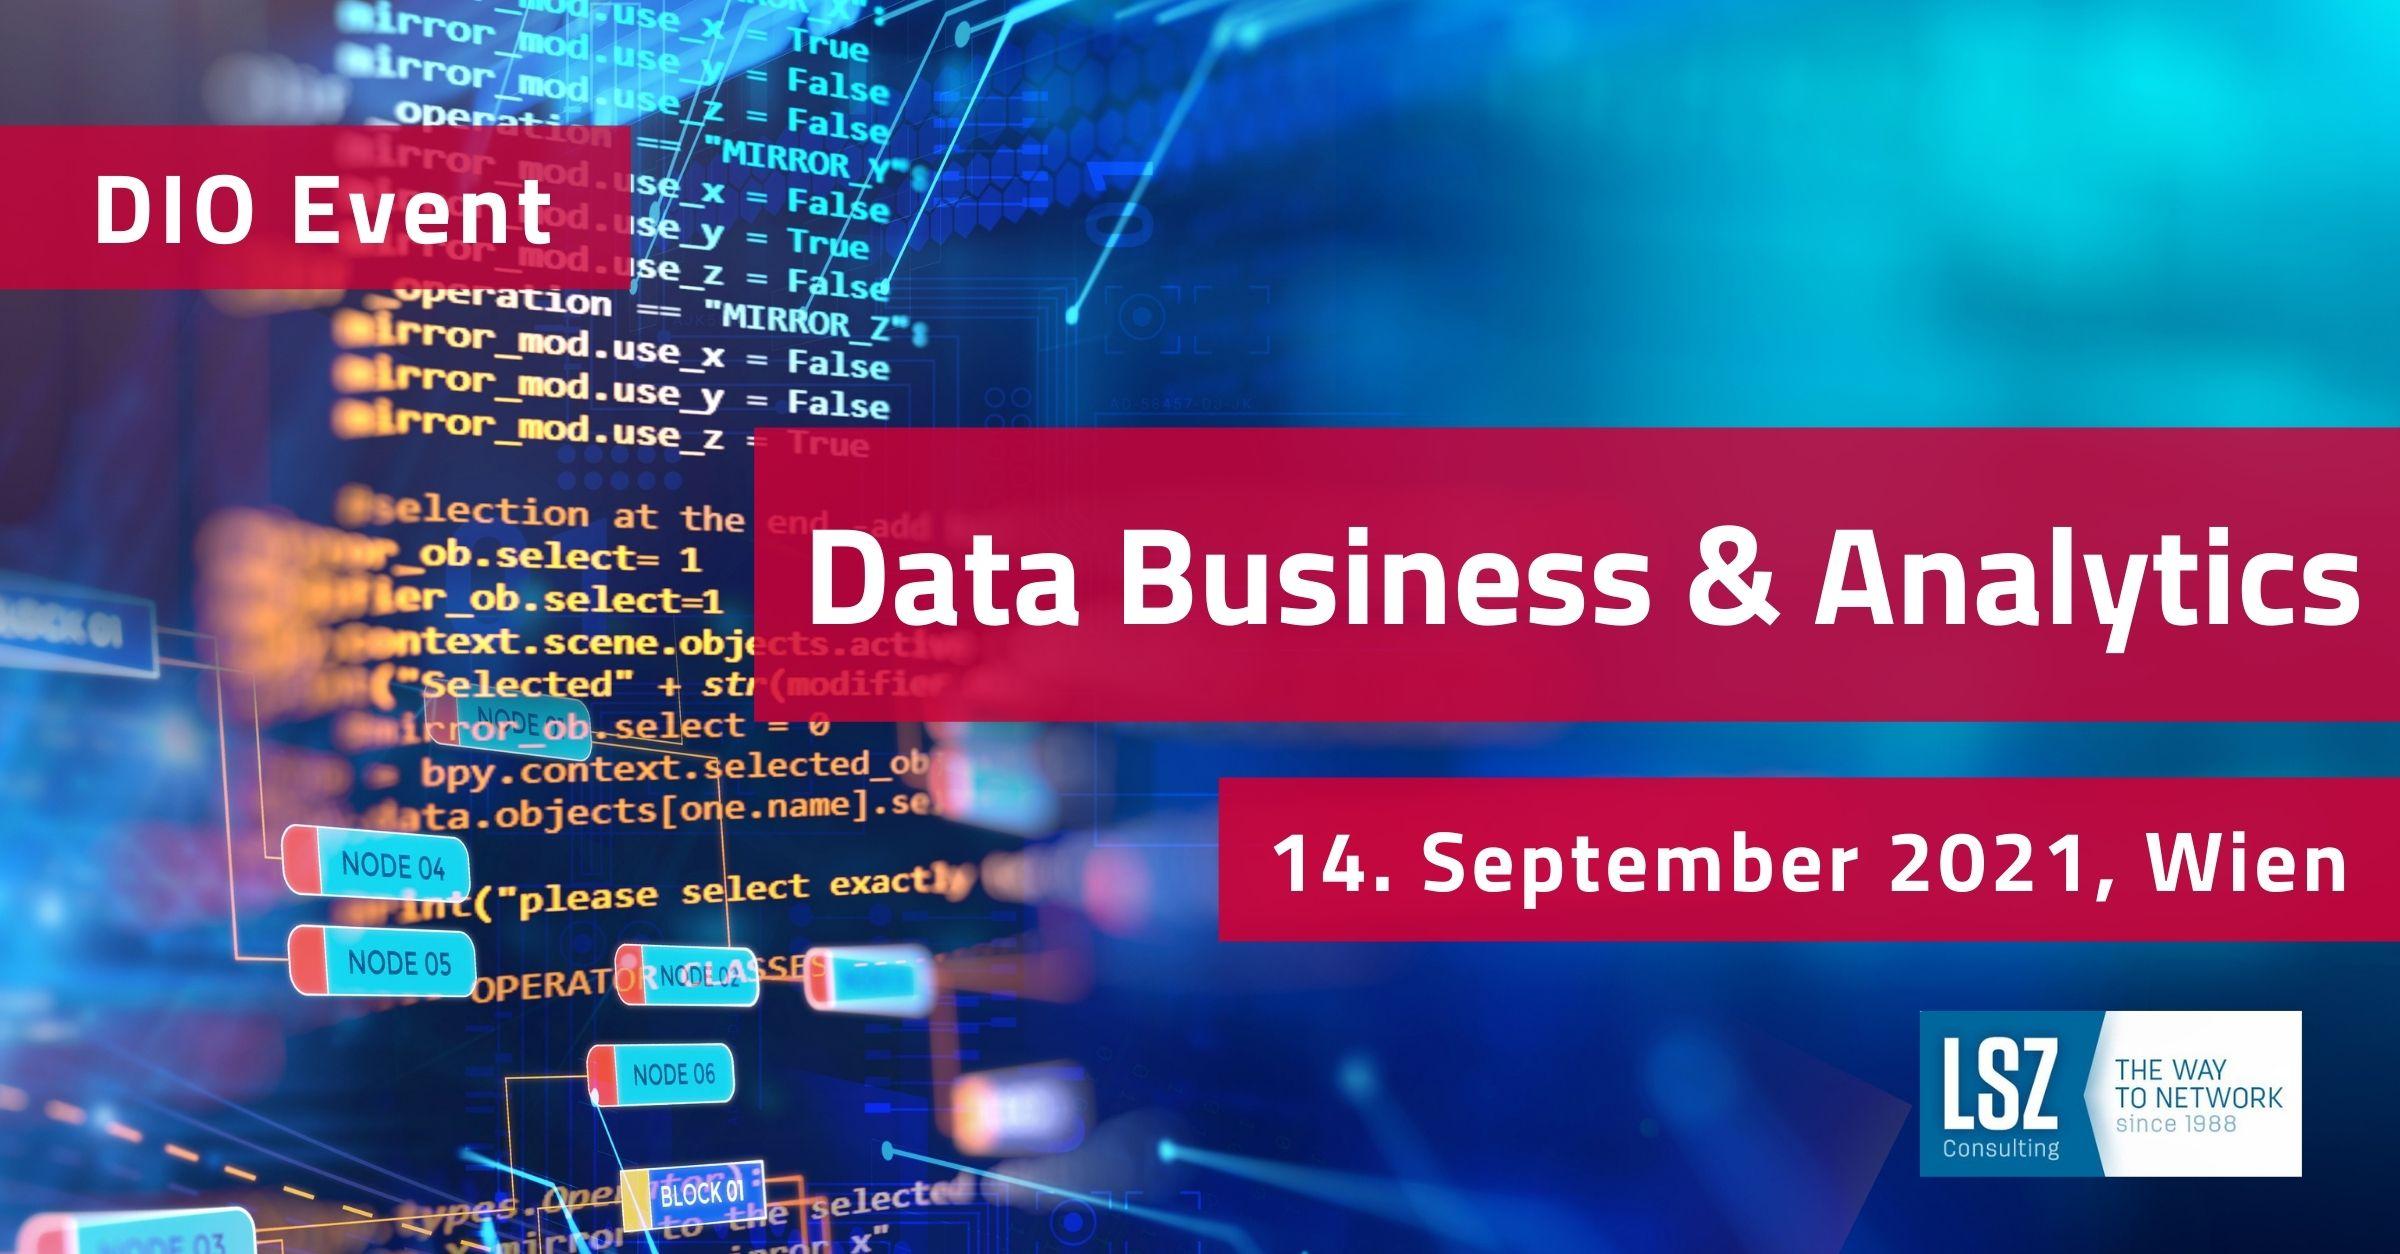 Data Business & Analytics, 14.9.